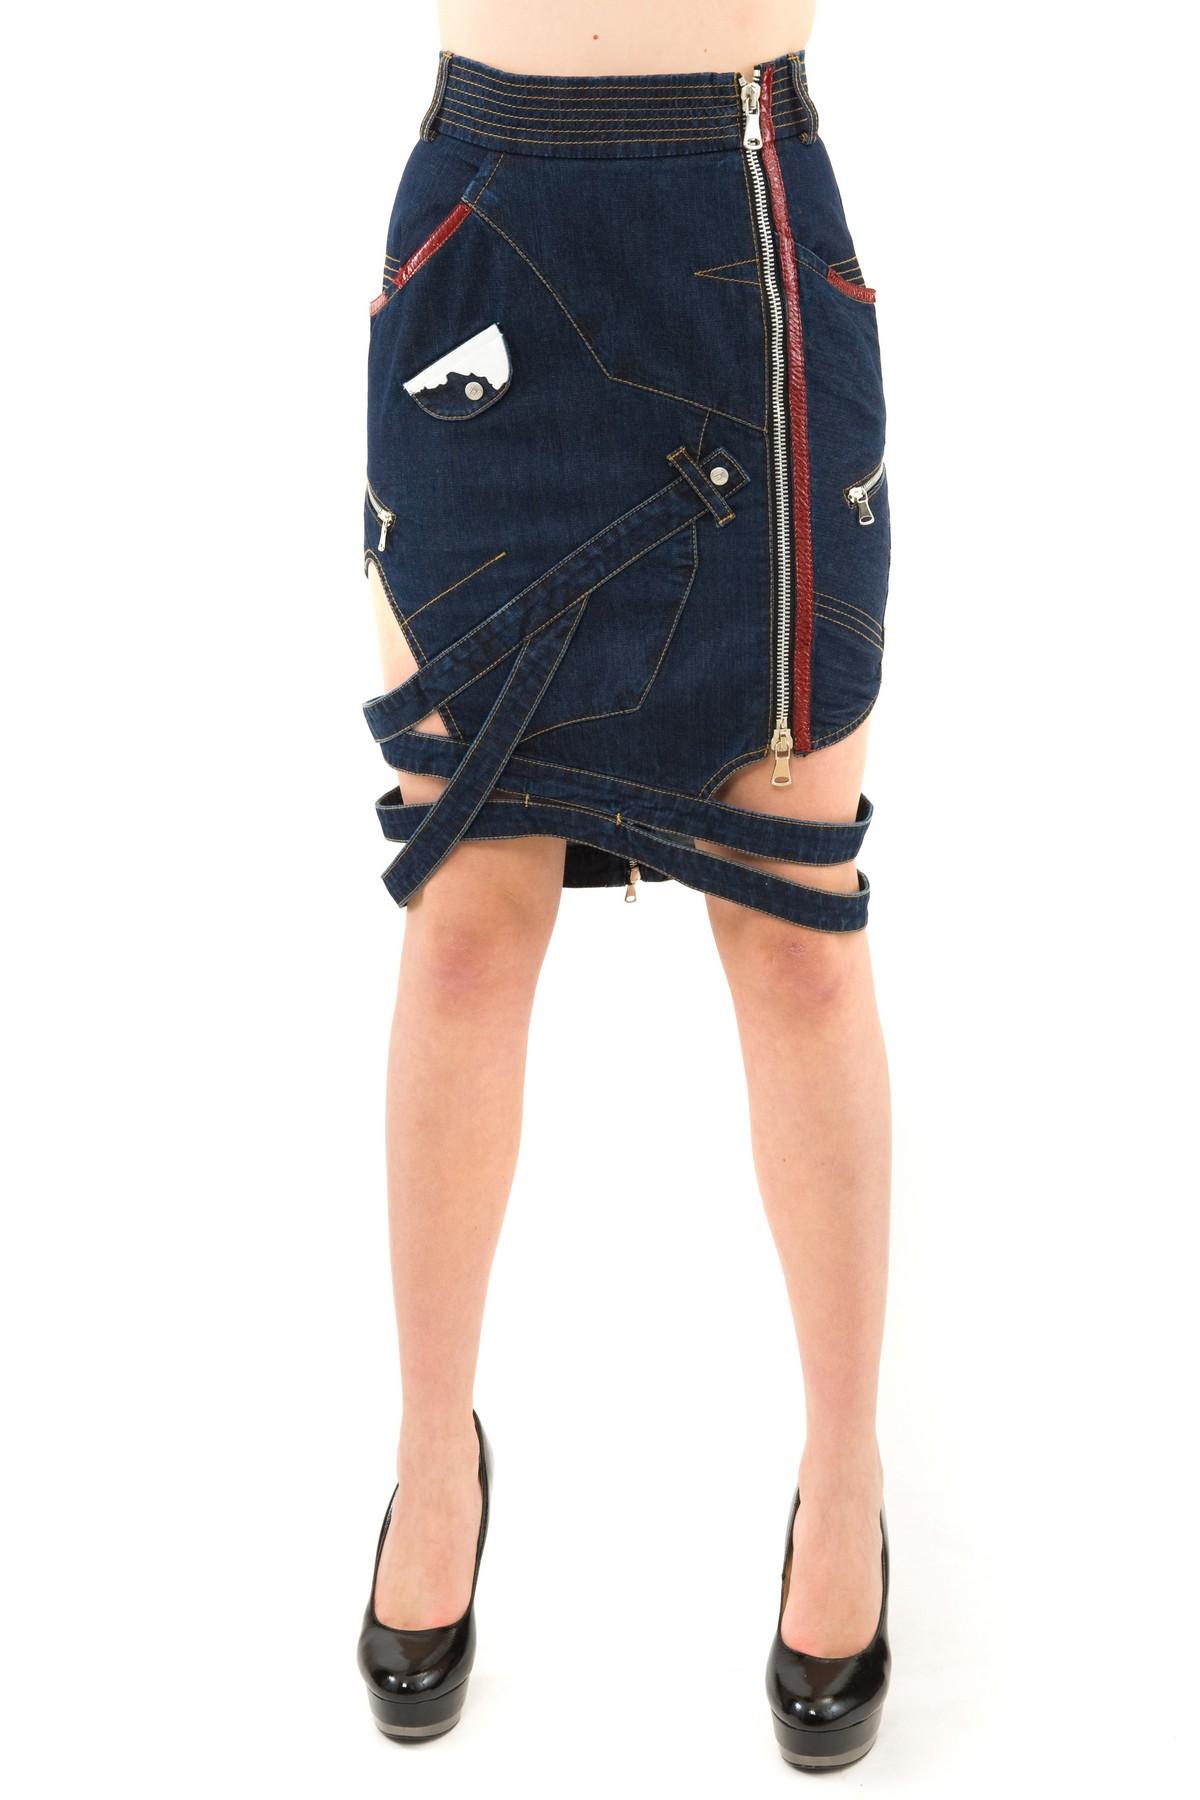 ЮбкаЖенские юбки и брюки<br>Стильная юбка актуальной длины  для ярких и уверенных в своей неотразимости женщин. Изделие прекрасно сочетается со многими элементами гардероба.<br><br>Цвет: синий<br>Состав: 97% хлопок, 3% лайкра<br>Размер: 30<br>Страна дизайна: Россия<br>Страна производства: Россия